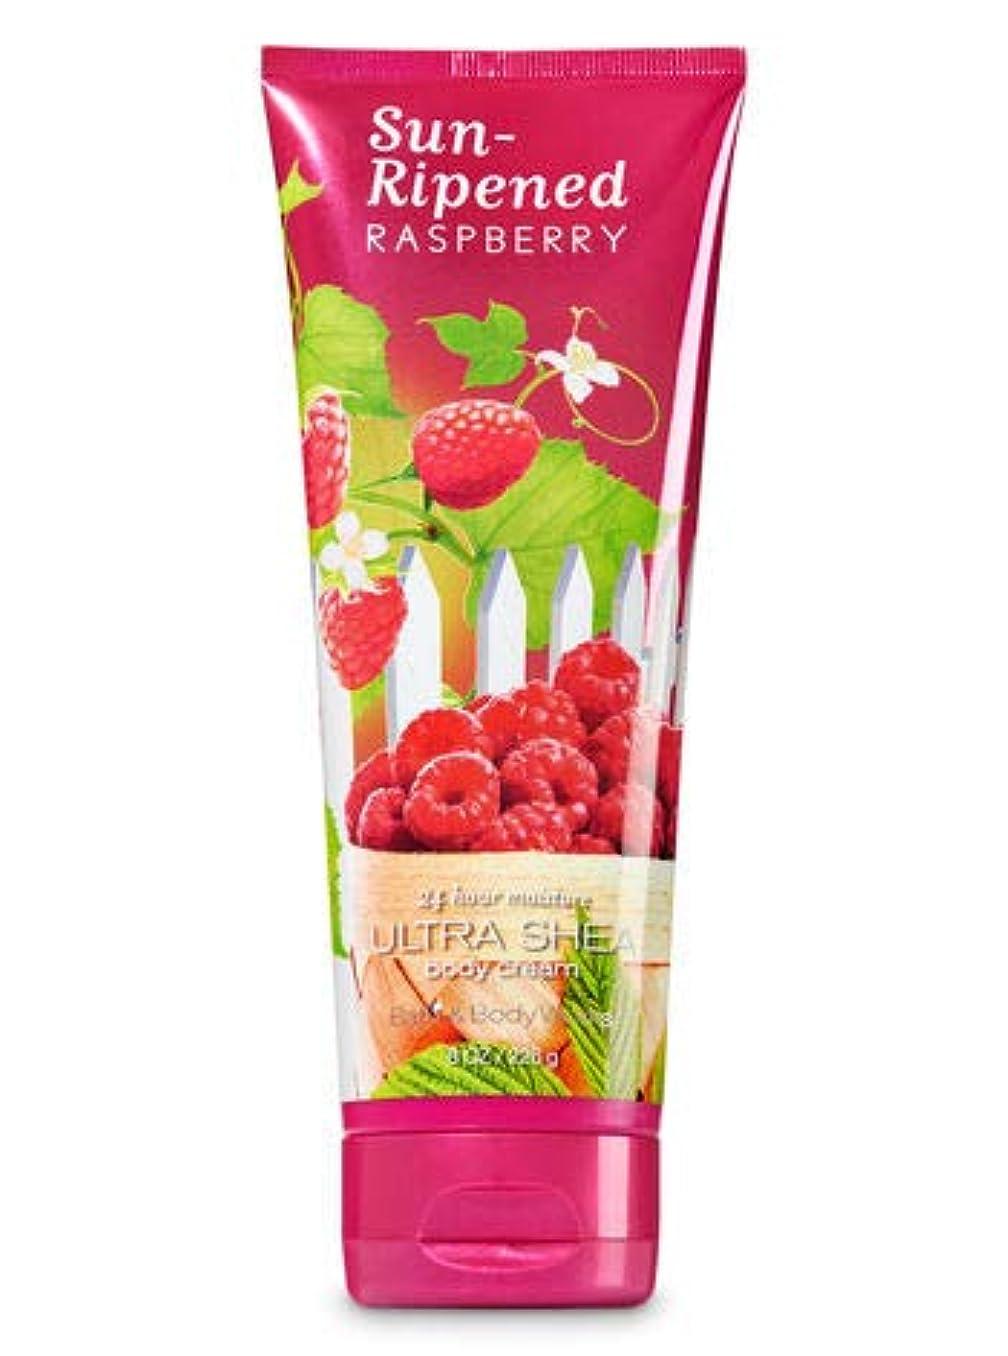 あらゆる種類の憂鬱なドラッグ【Bath&Body Works/バス&ボディワークス】 ボディクリーム サンリペンドラズベリー Body Cream Sun-Ripened Raspberry 8 oz / 226 g [並行輸入品]